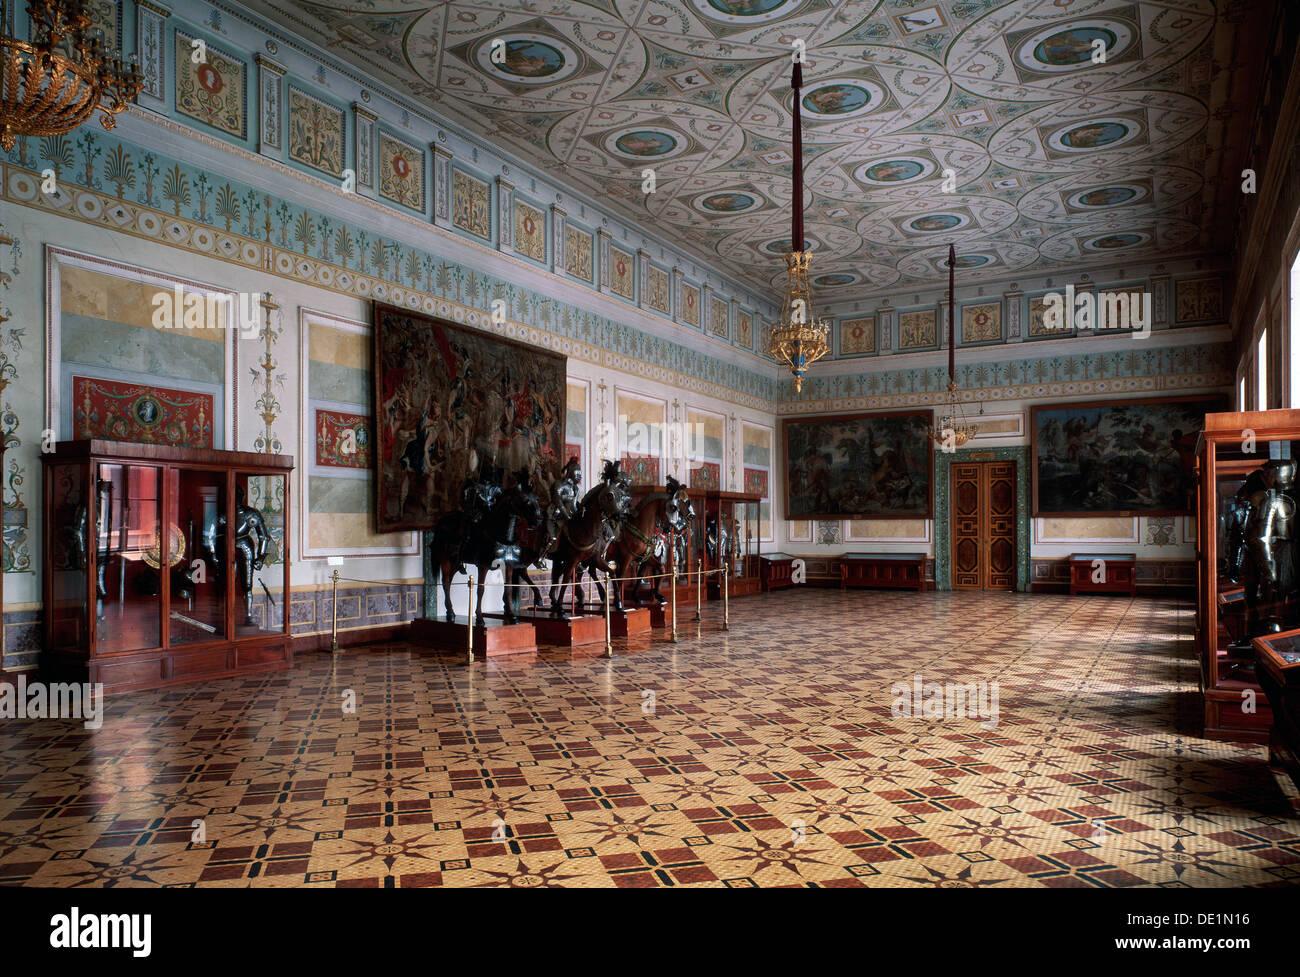 """"""" La sala del cavaliere (Arsenal) dell'Ermitage di San Pietroburgo"""", c xix secolo secolo. Artista: Leo von Klenze Immagini Stock"""